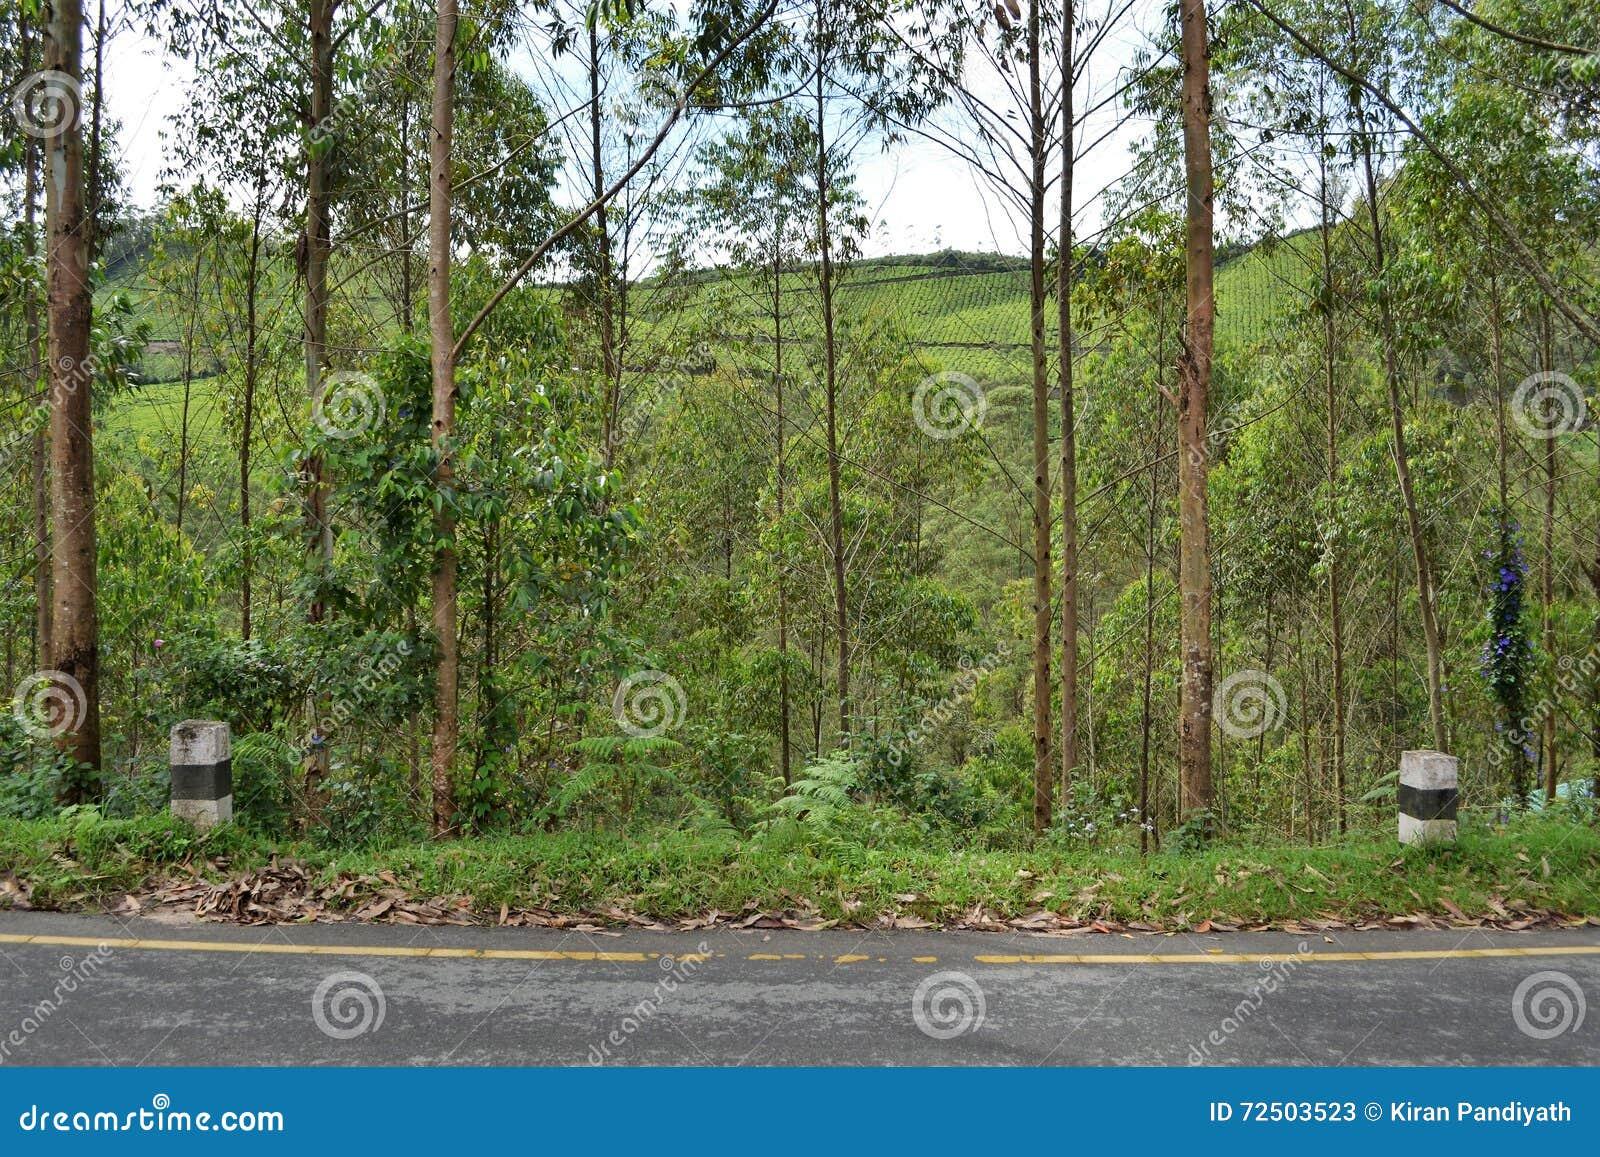 le bord de la route a inclin for t d 39 arbre montagne de jardin de th photo stock image 72503523. Black Bedroom Furniture Sets. Home Design Ideas